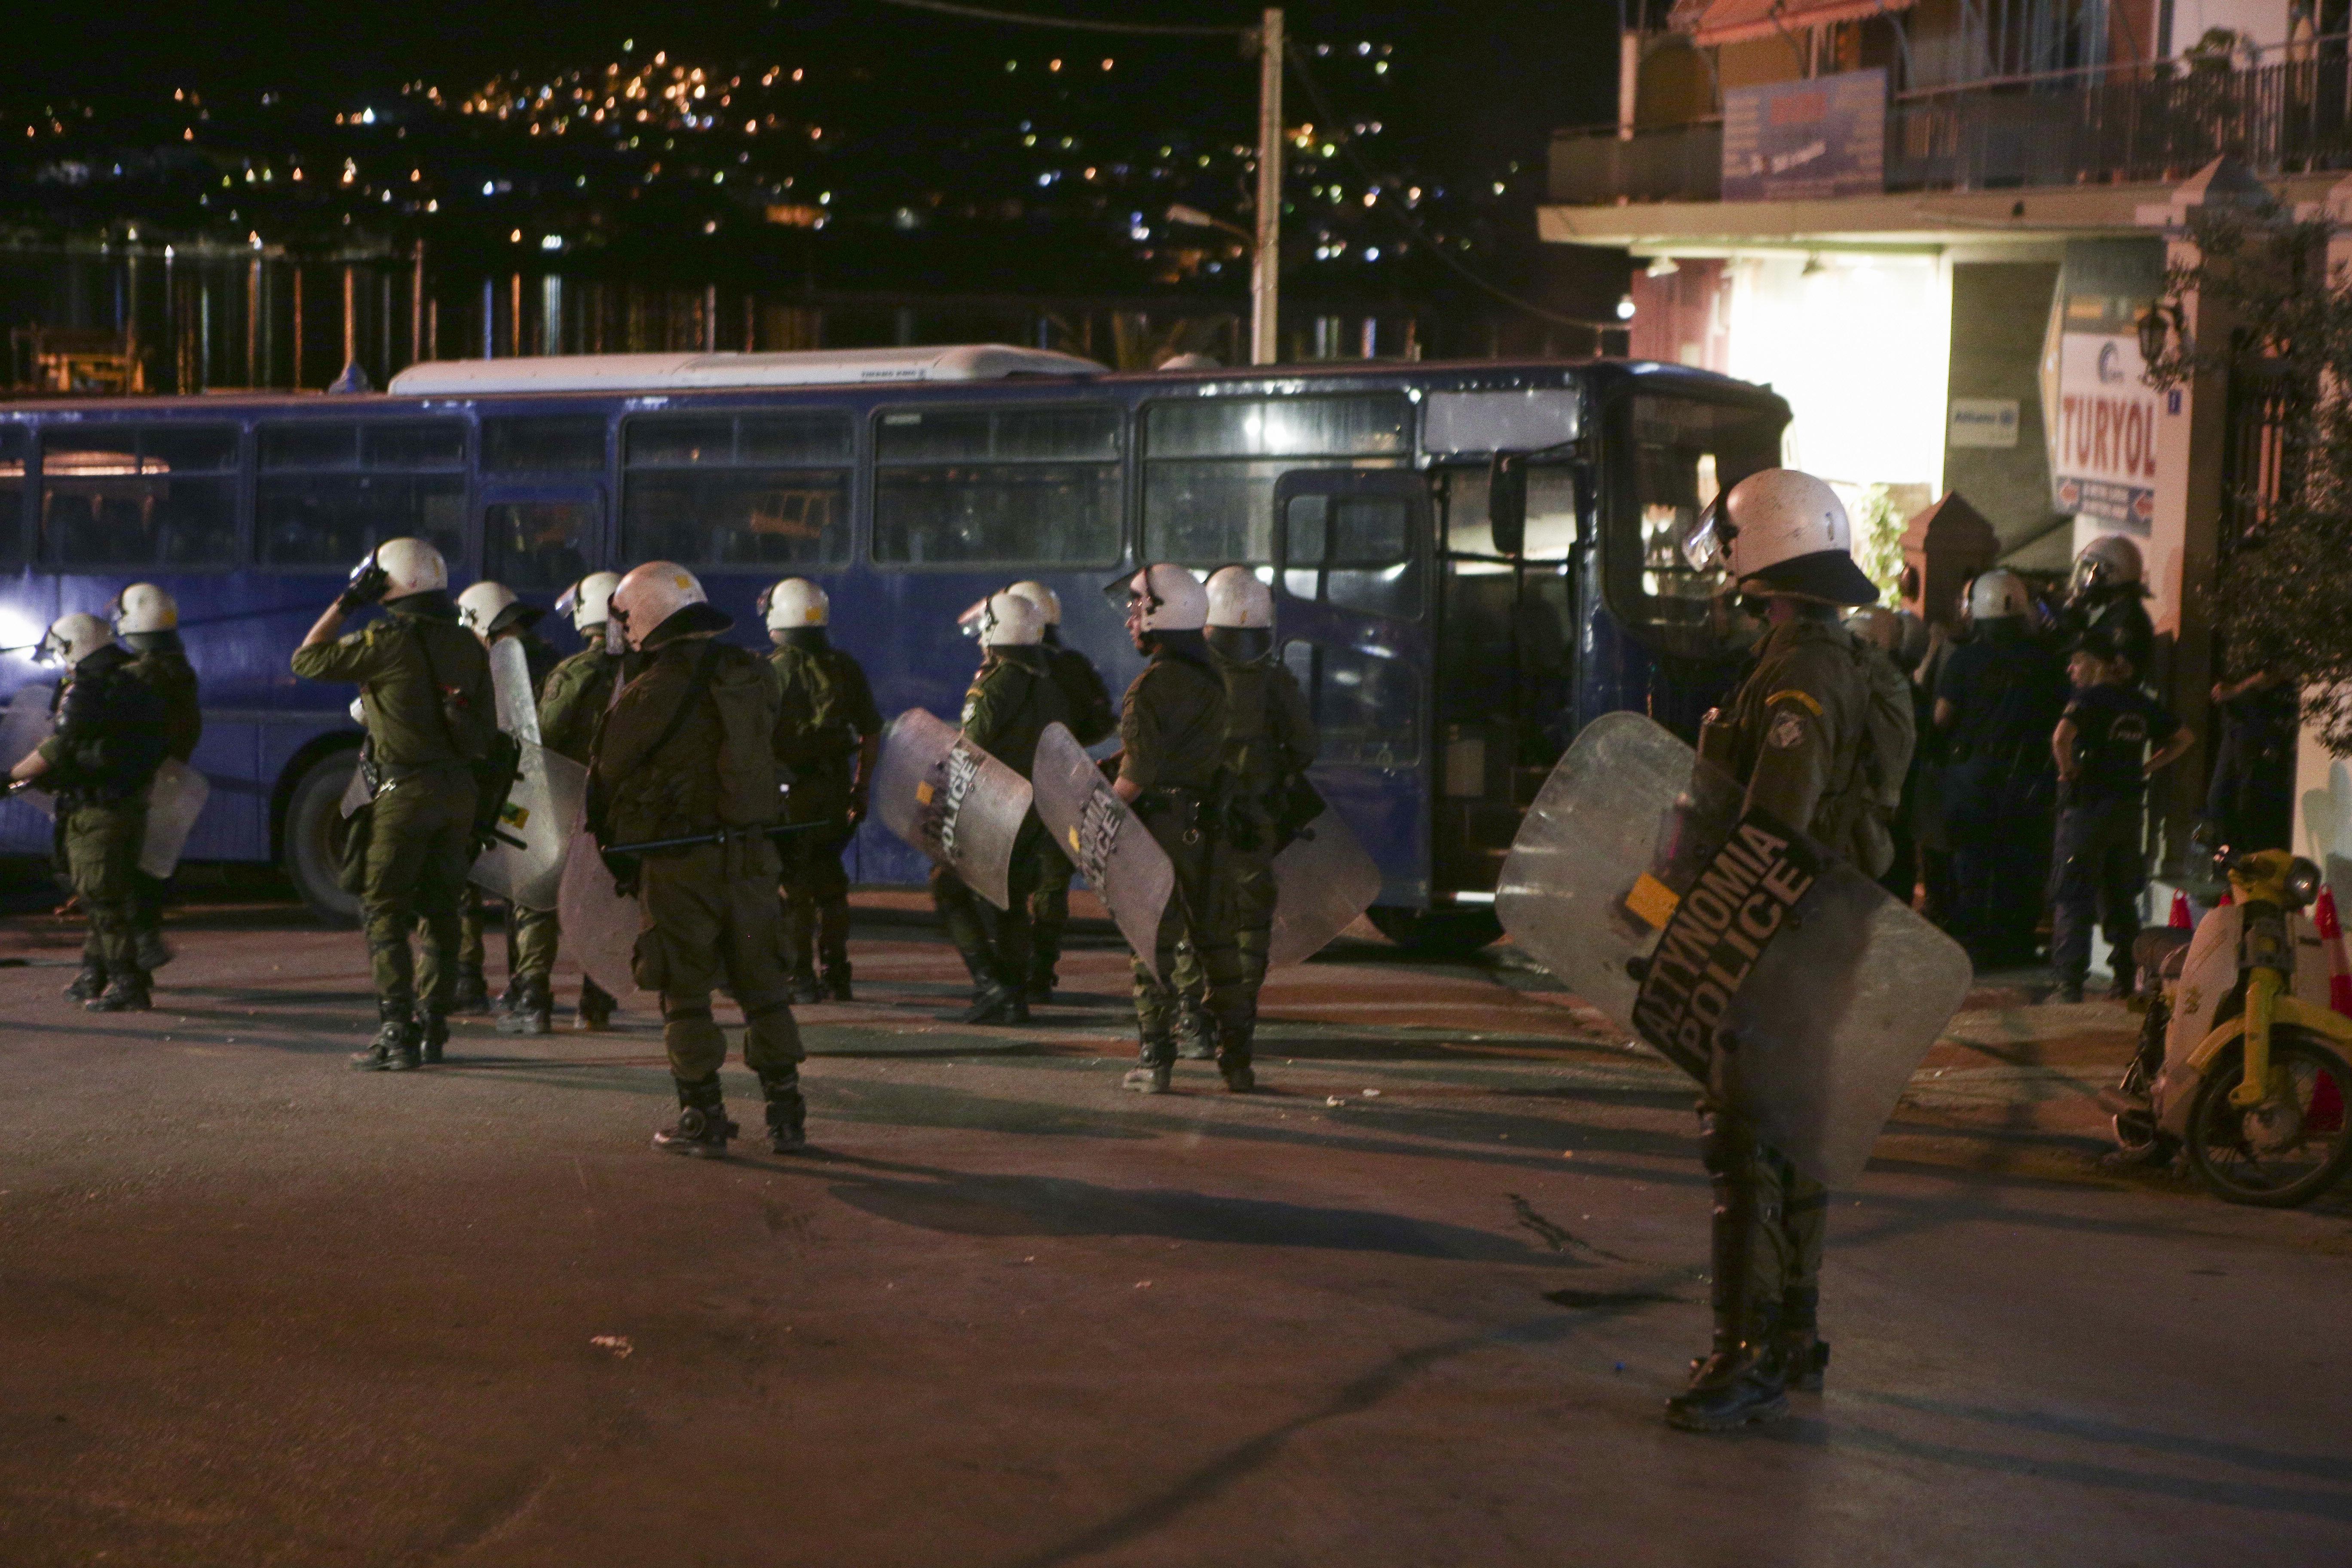 Άγριες επιθέσεις ακροδεξιών στη Μυτιλήνη σε πολίτες, δημοσιογράφους και